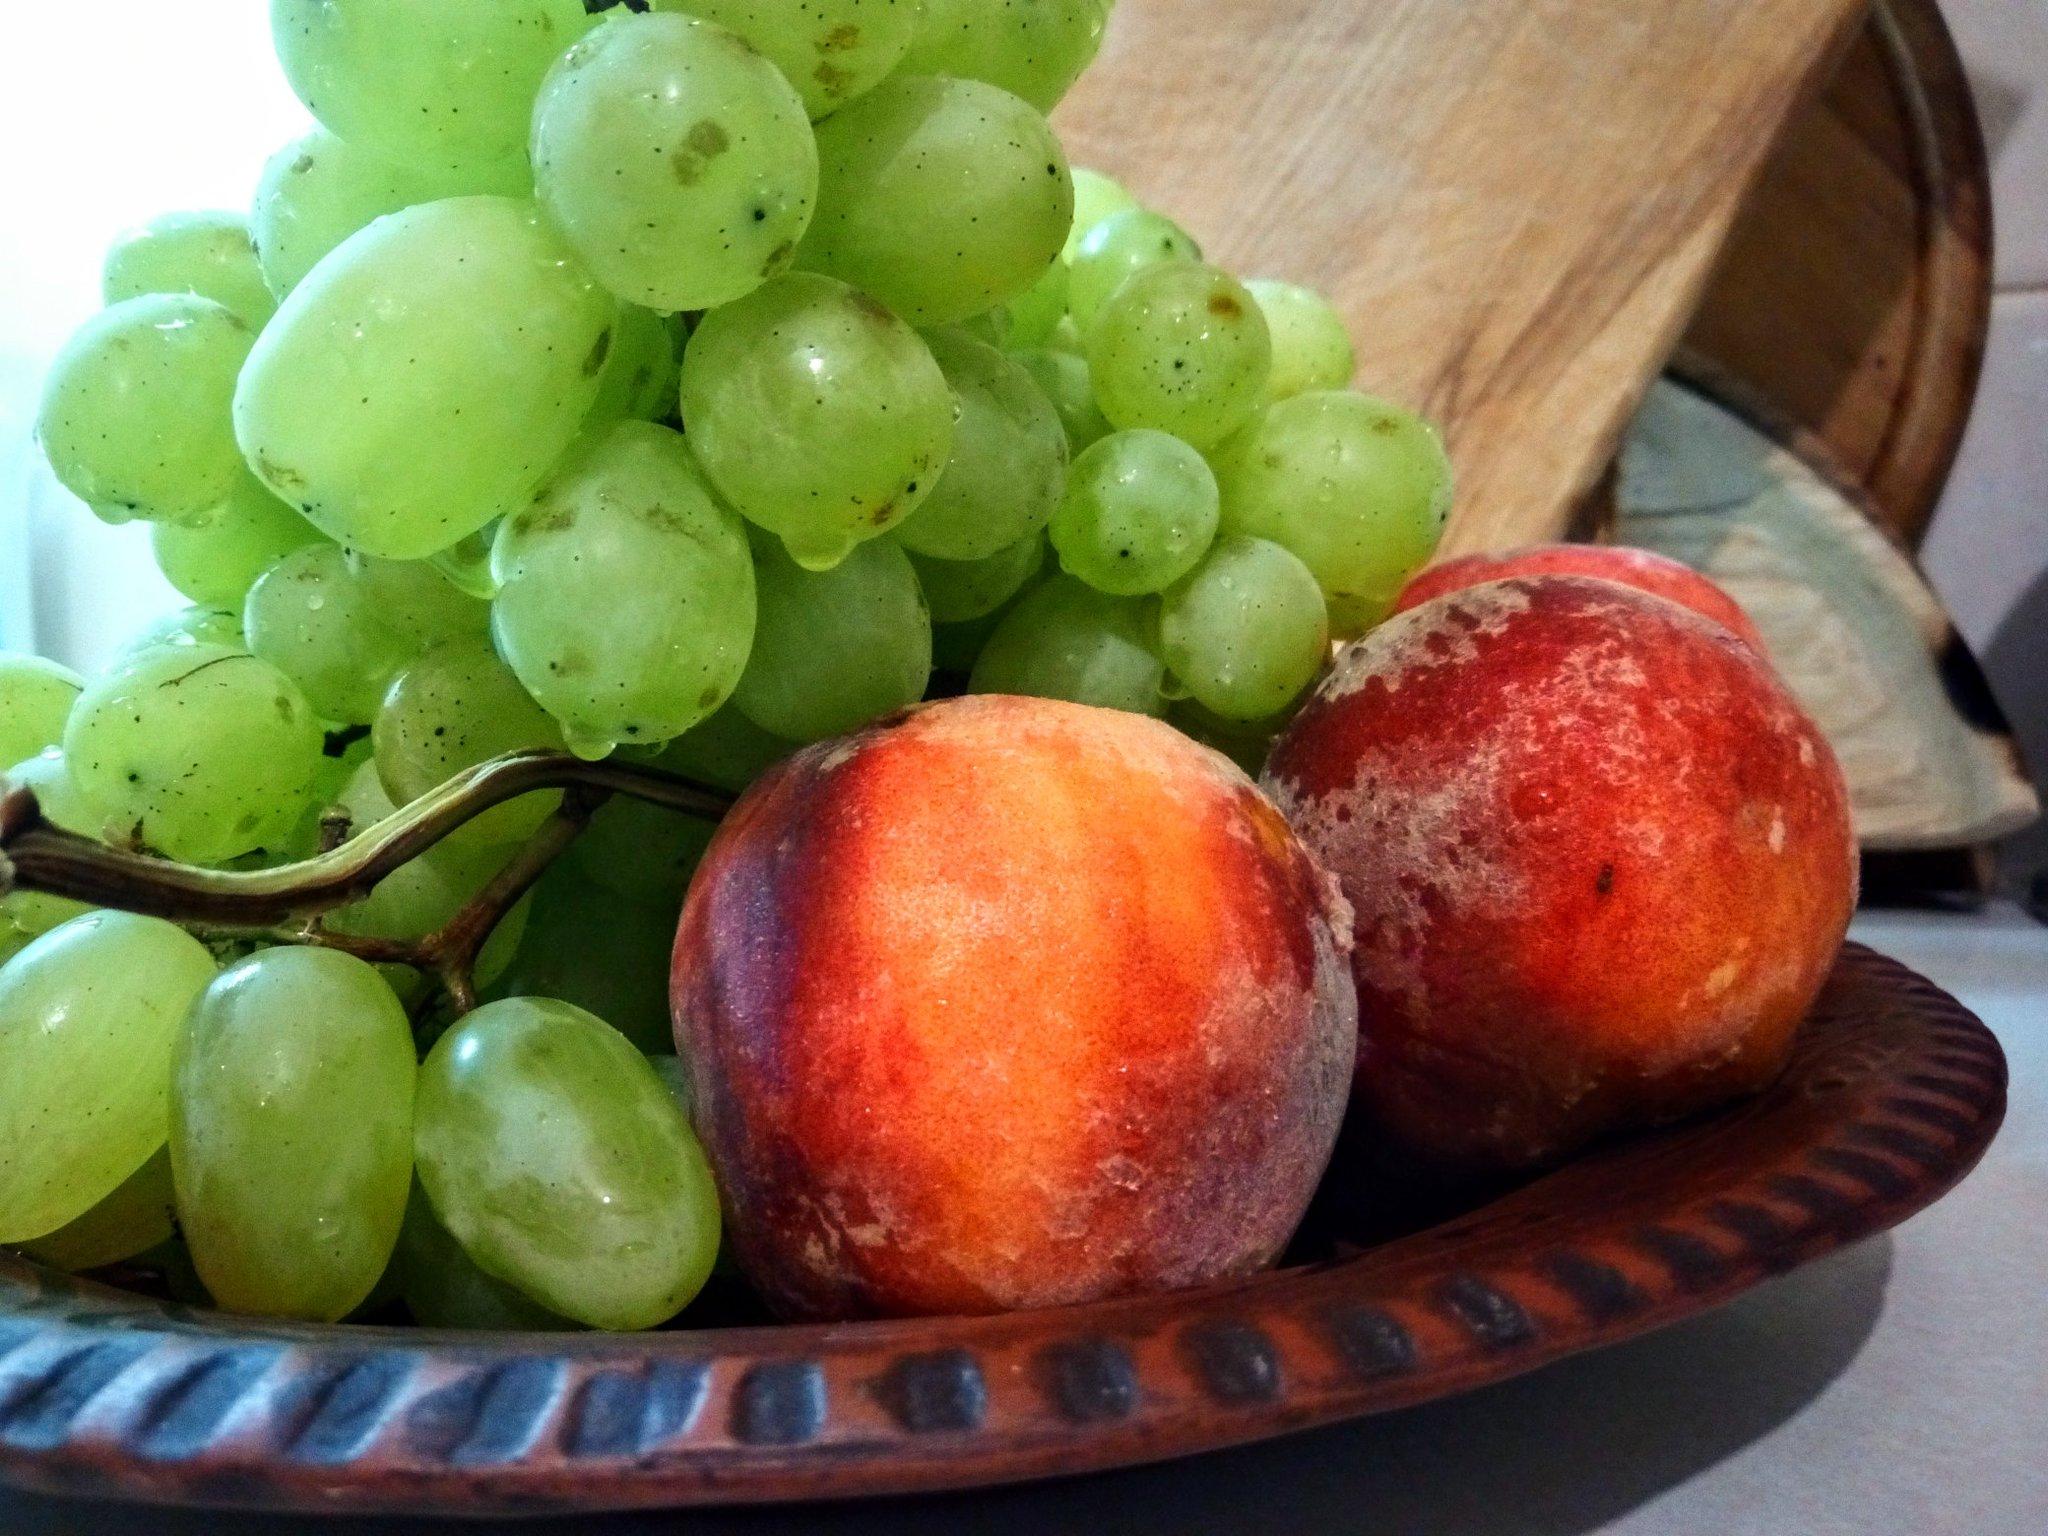 точно красивые картинки персики и виноград славянских